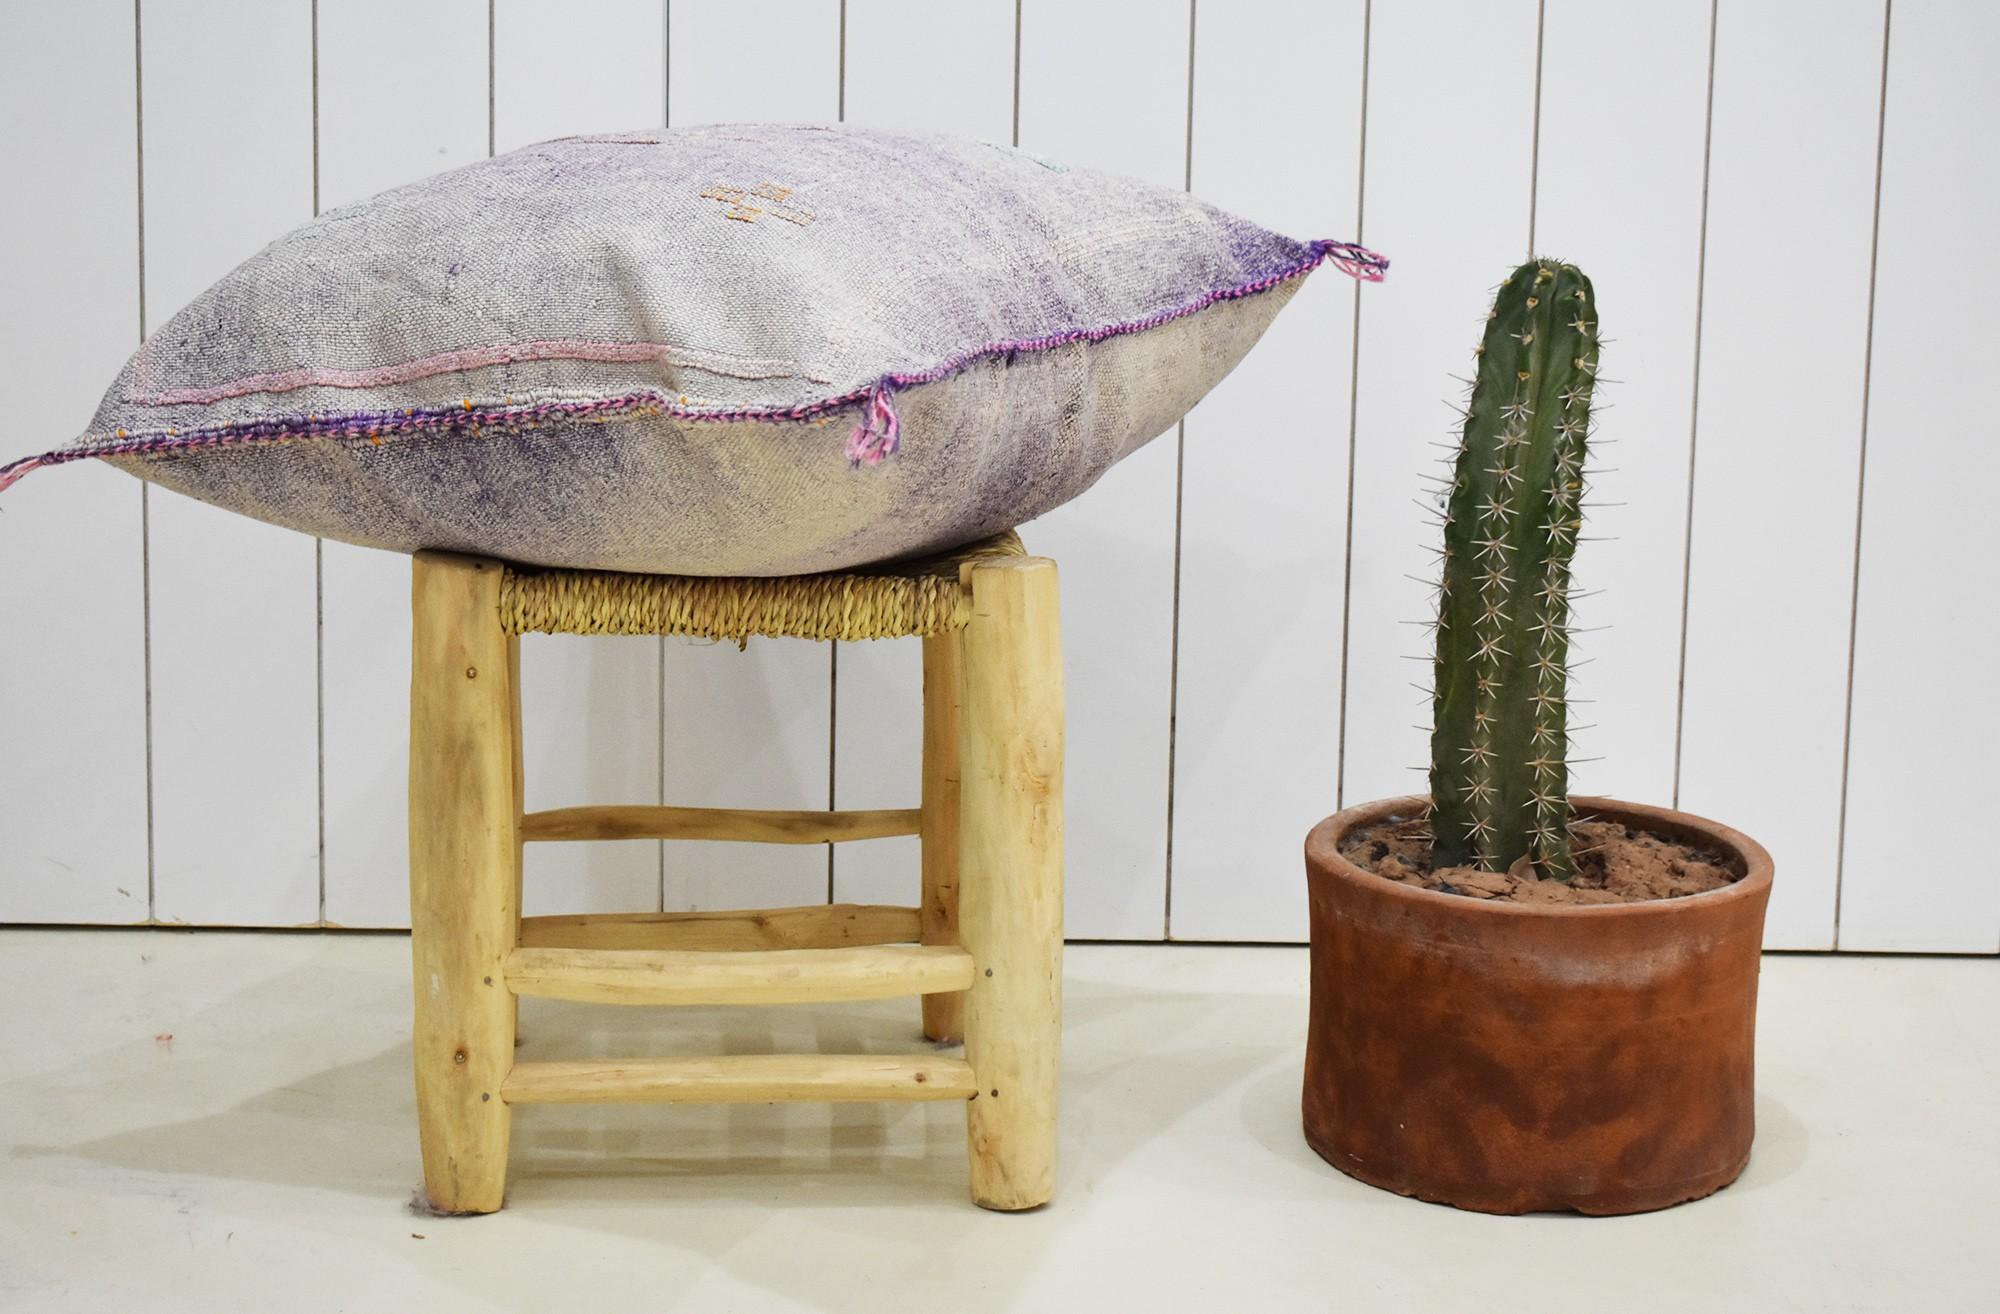 Tonal purple Berber cushion cover